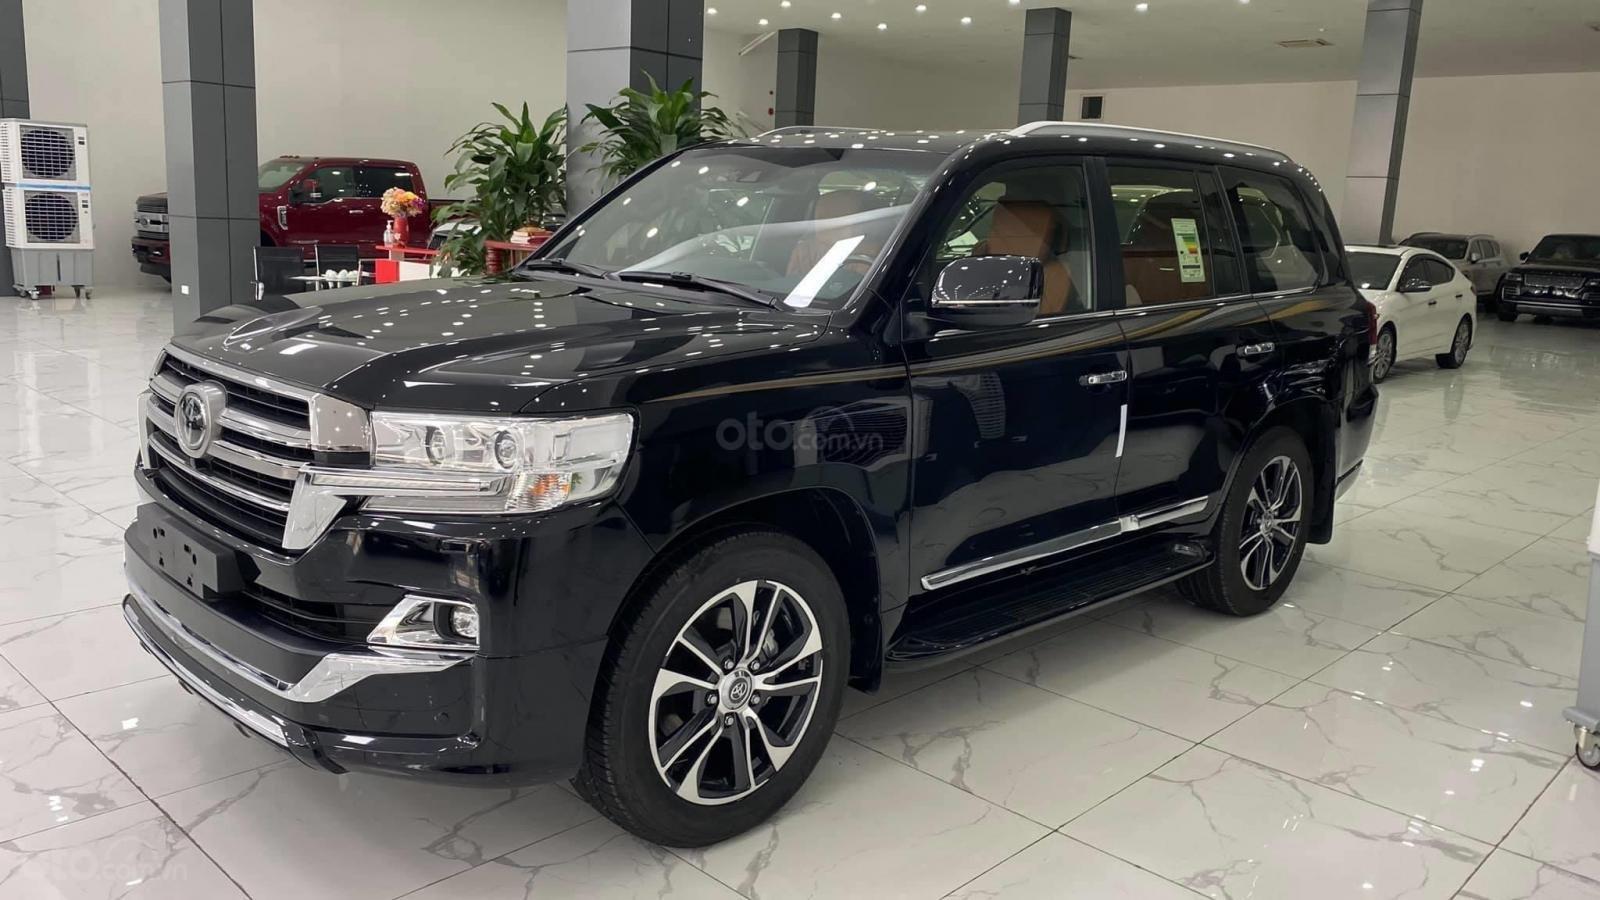 Bán Toyota Land Cruise VX S 5.7 sản xuất 2020, 4 ghế Massage siêu vip, xe giao ngay, giá tốt (4)